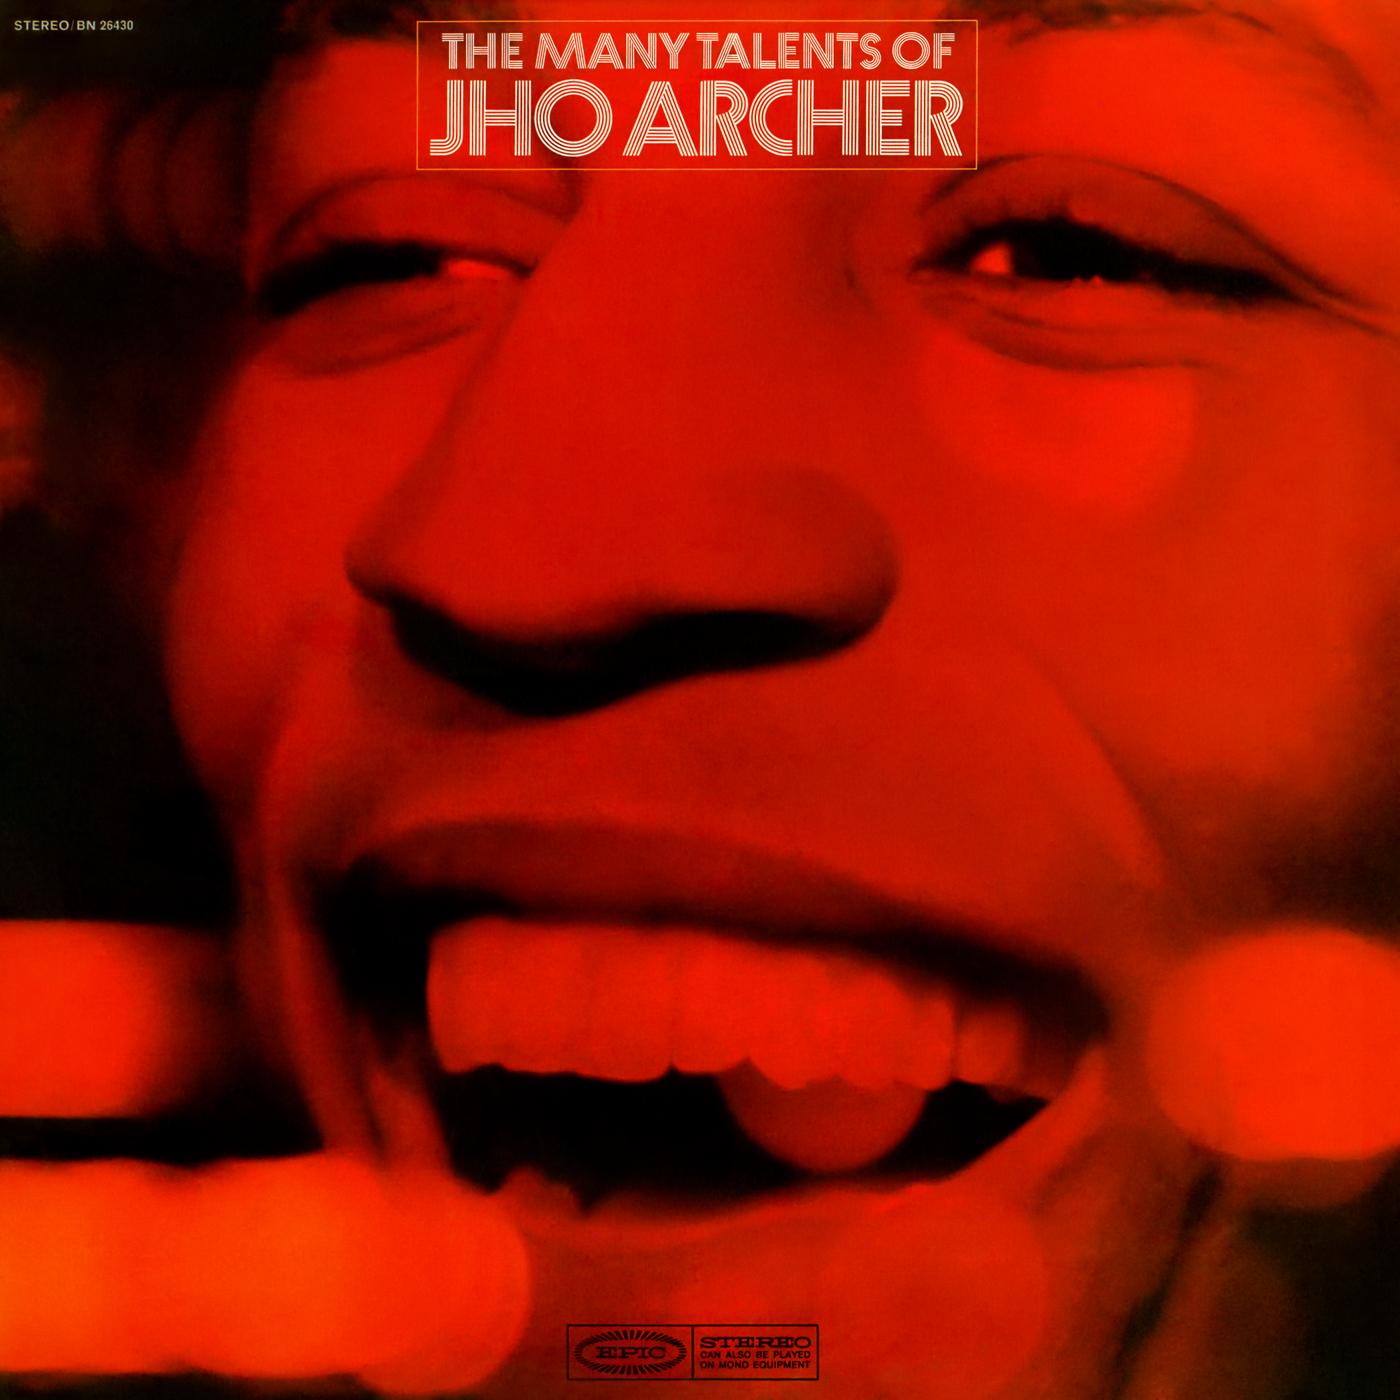 The Many Talents of Jho Archer - Jho Archer